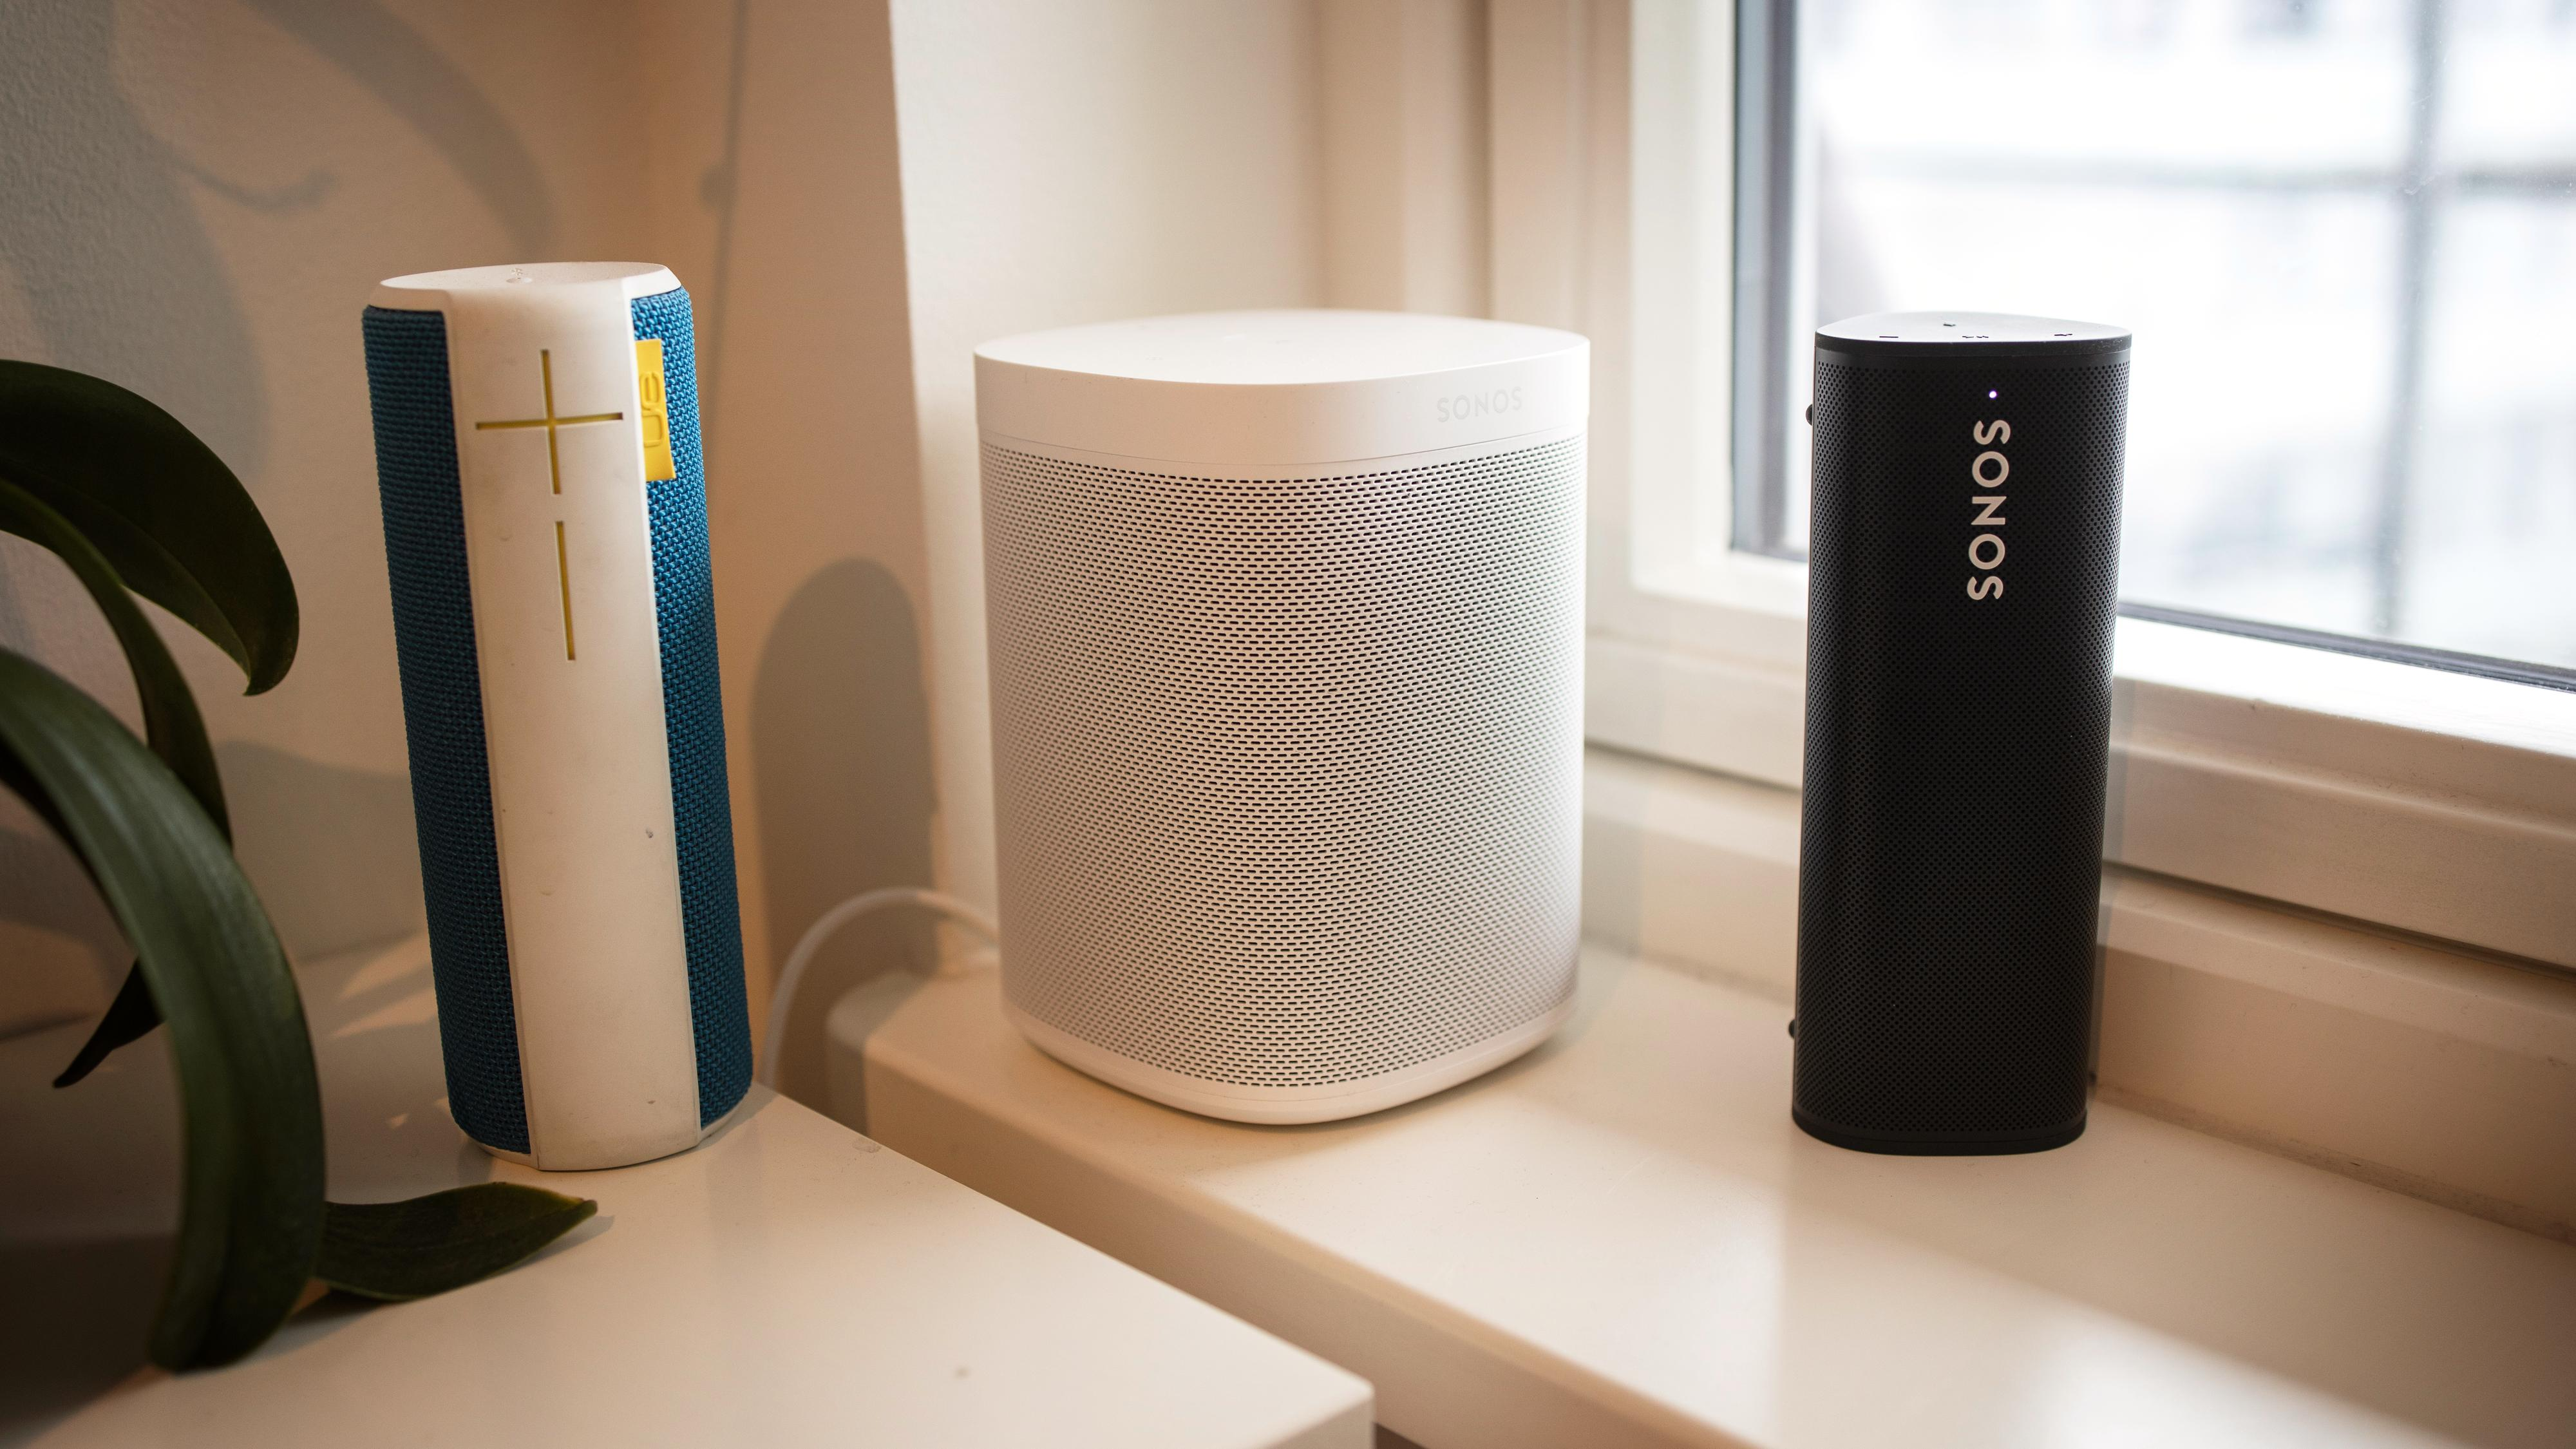 Roam (til høyre) sammen med Sonos One og en relativt velbrukt førstegenerasjons UE Boom.